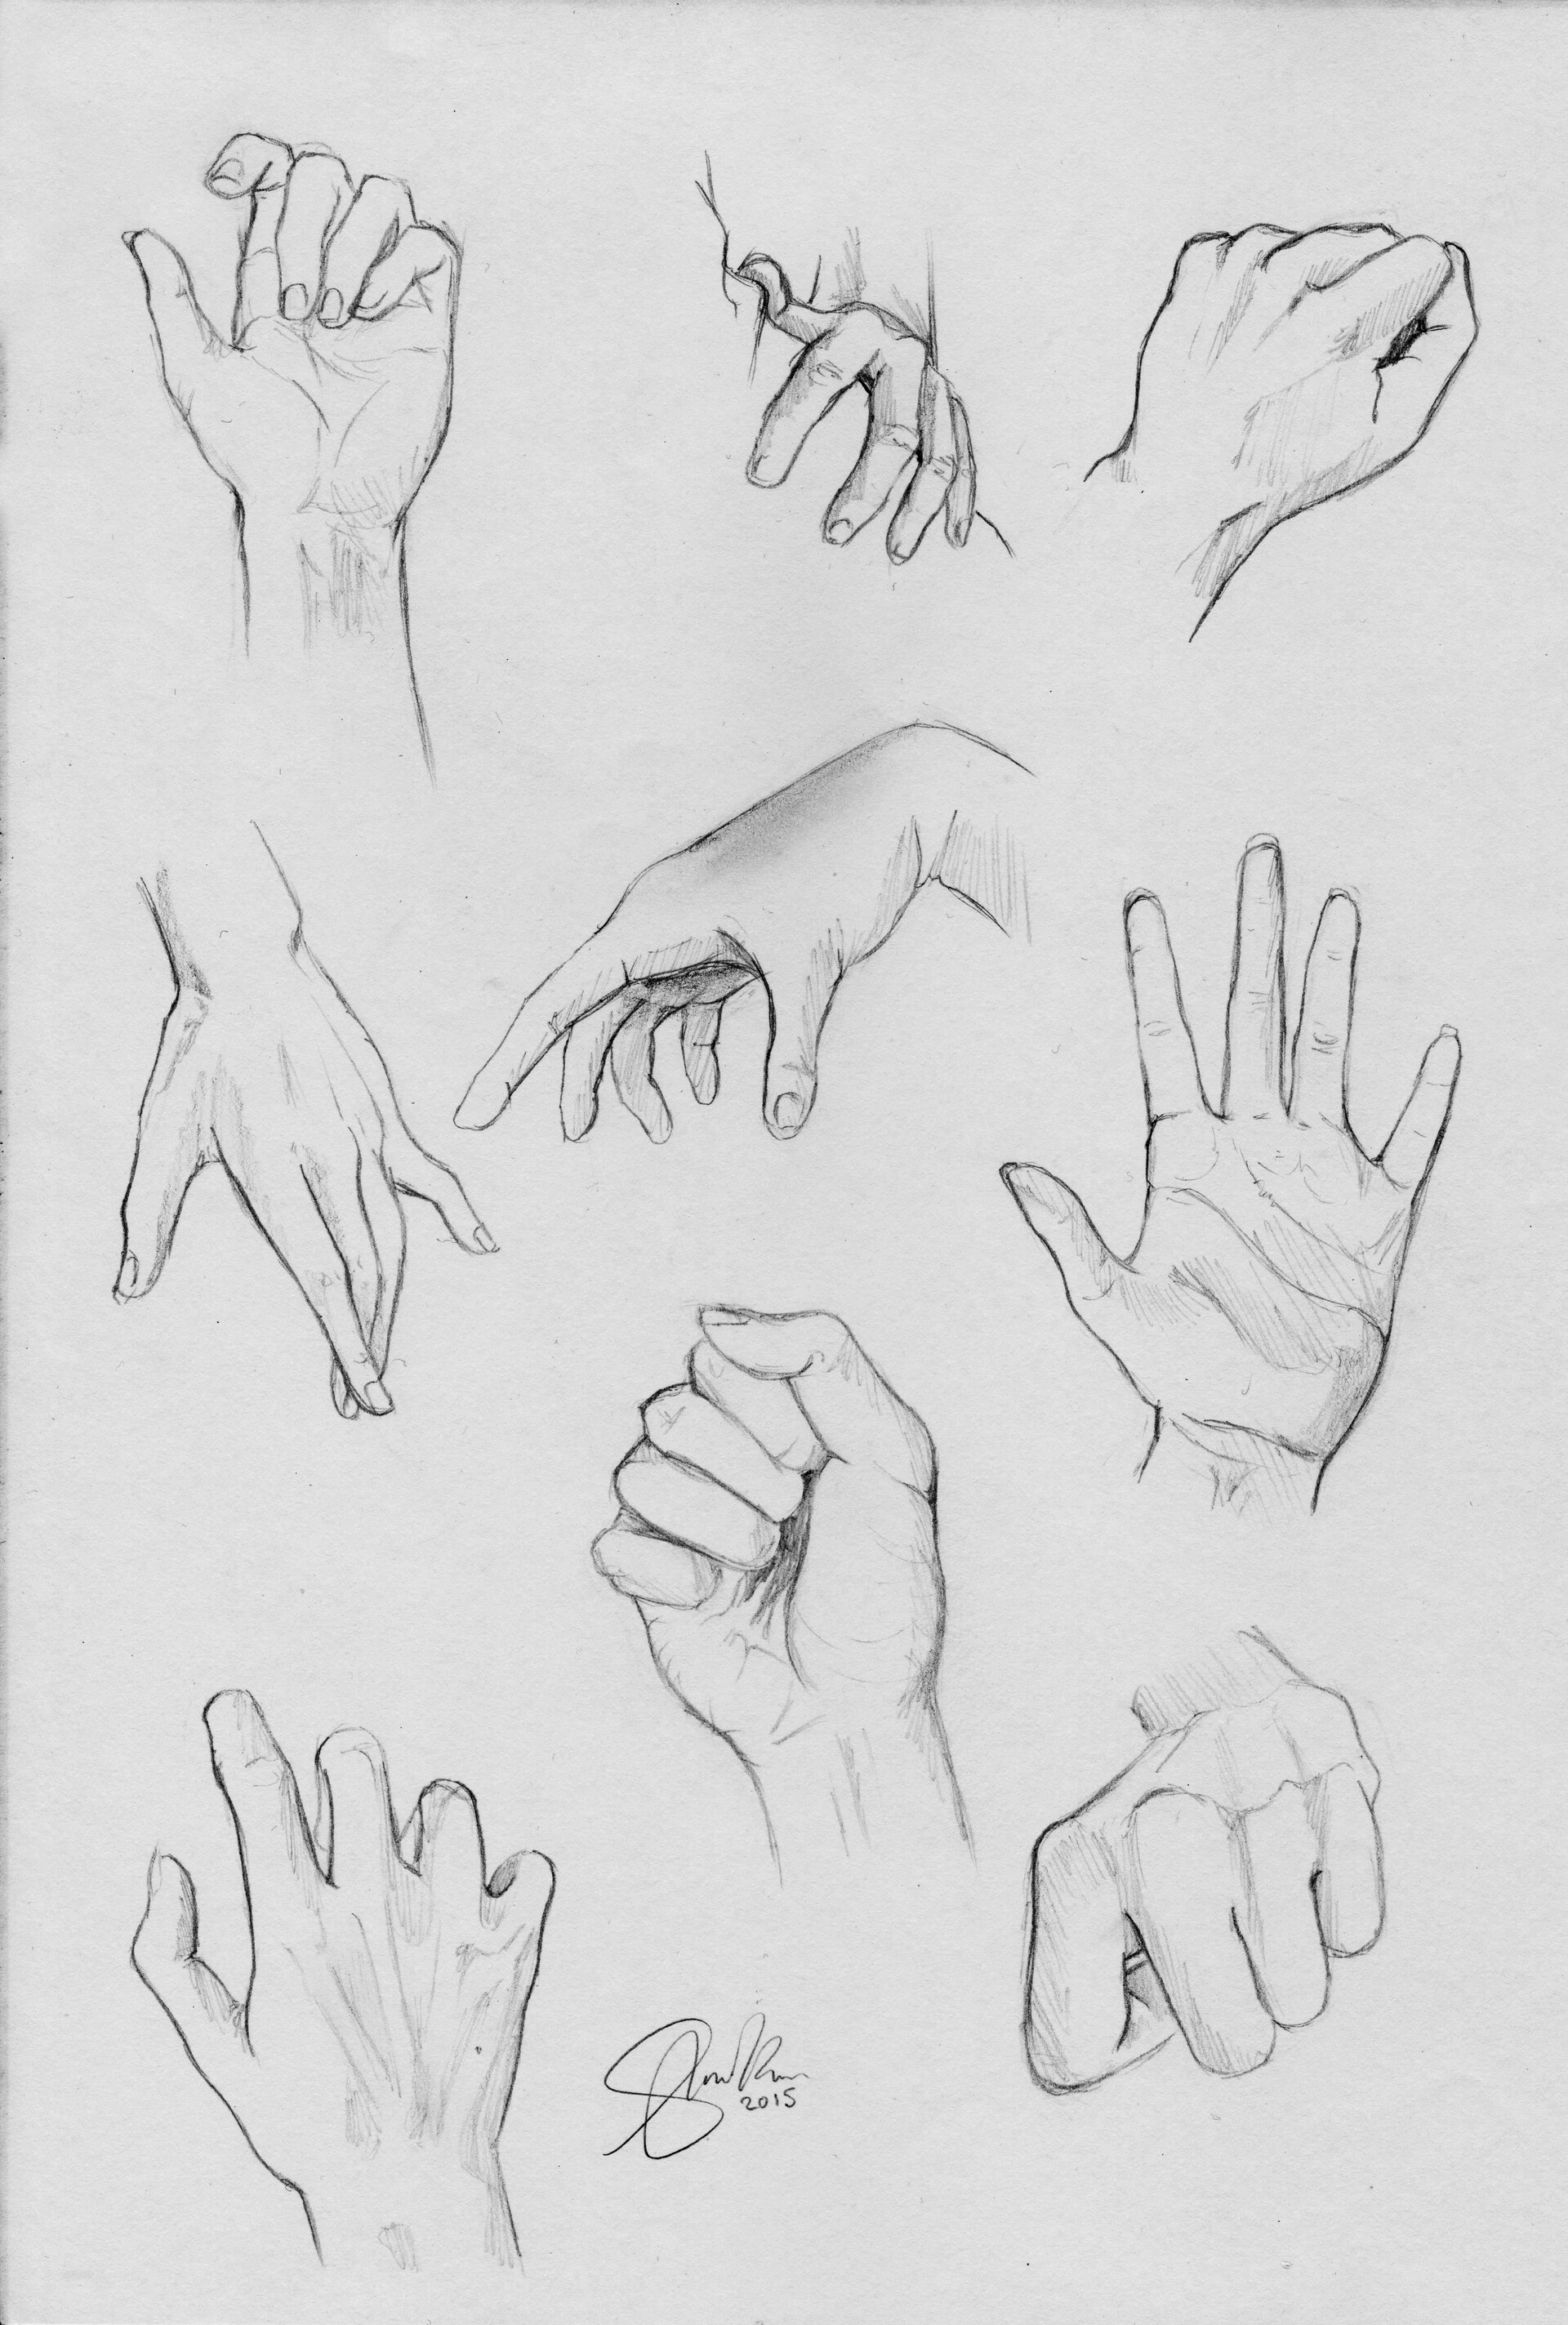 Shellz art hand study